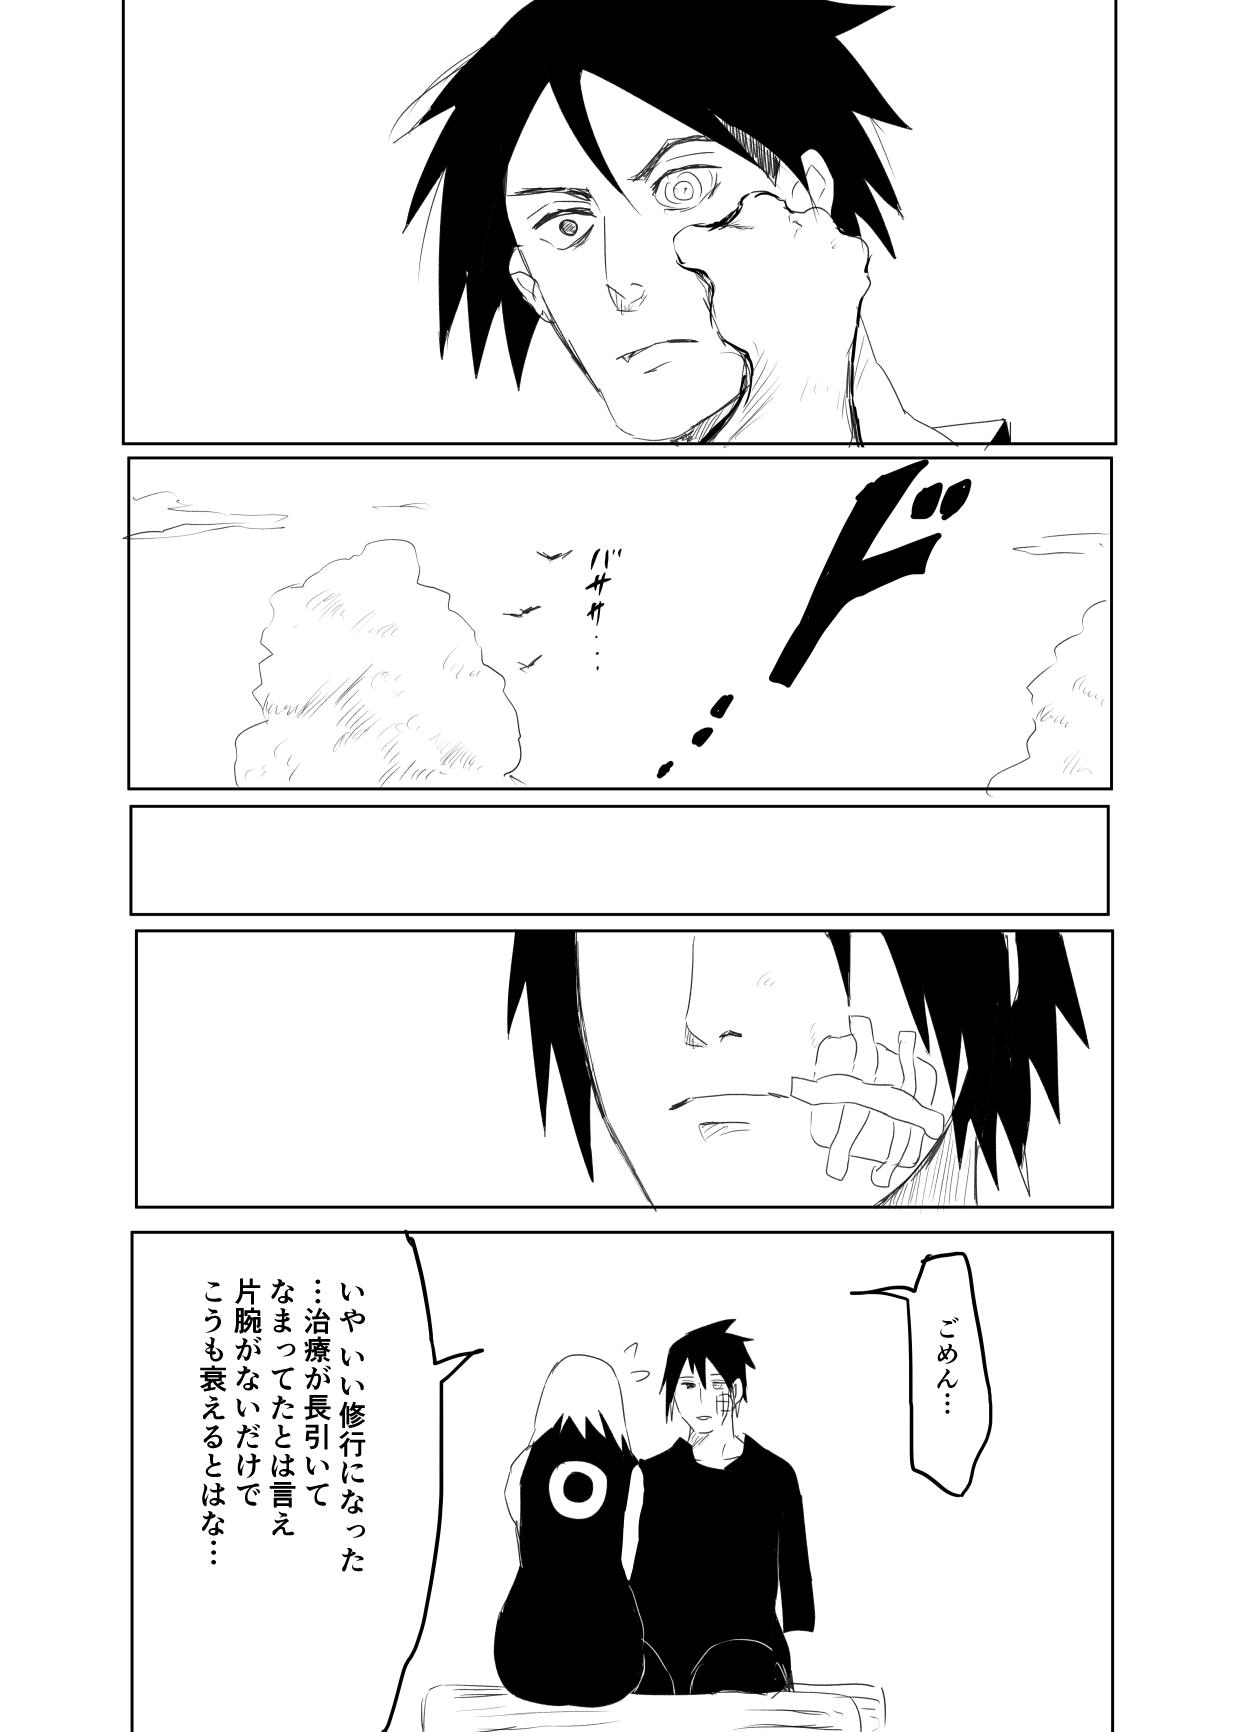 嘘告白漫画 19